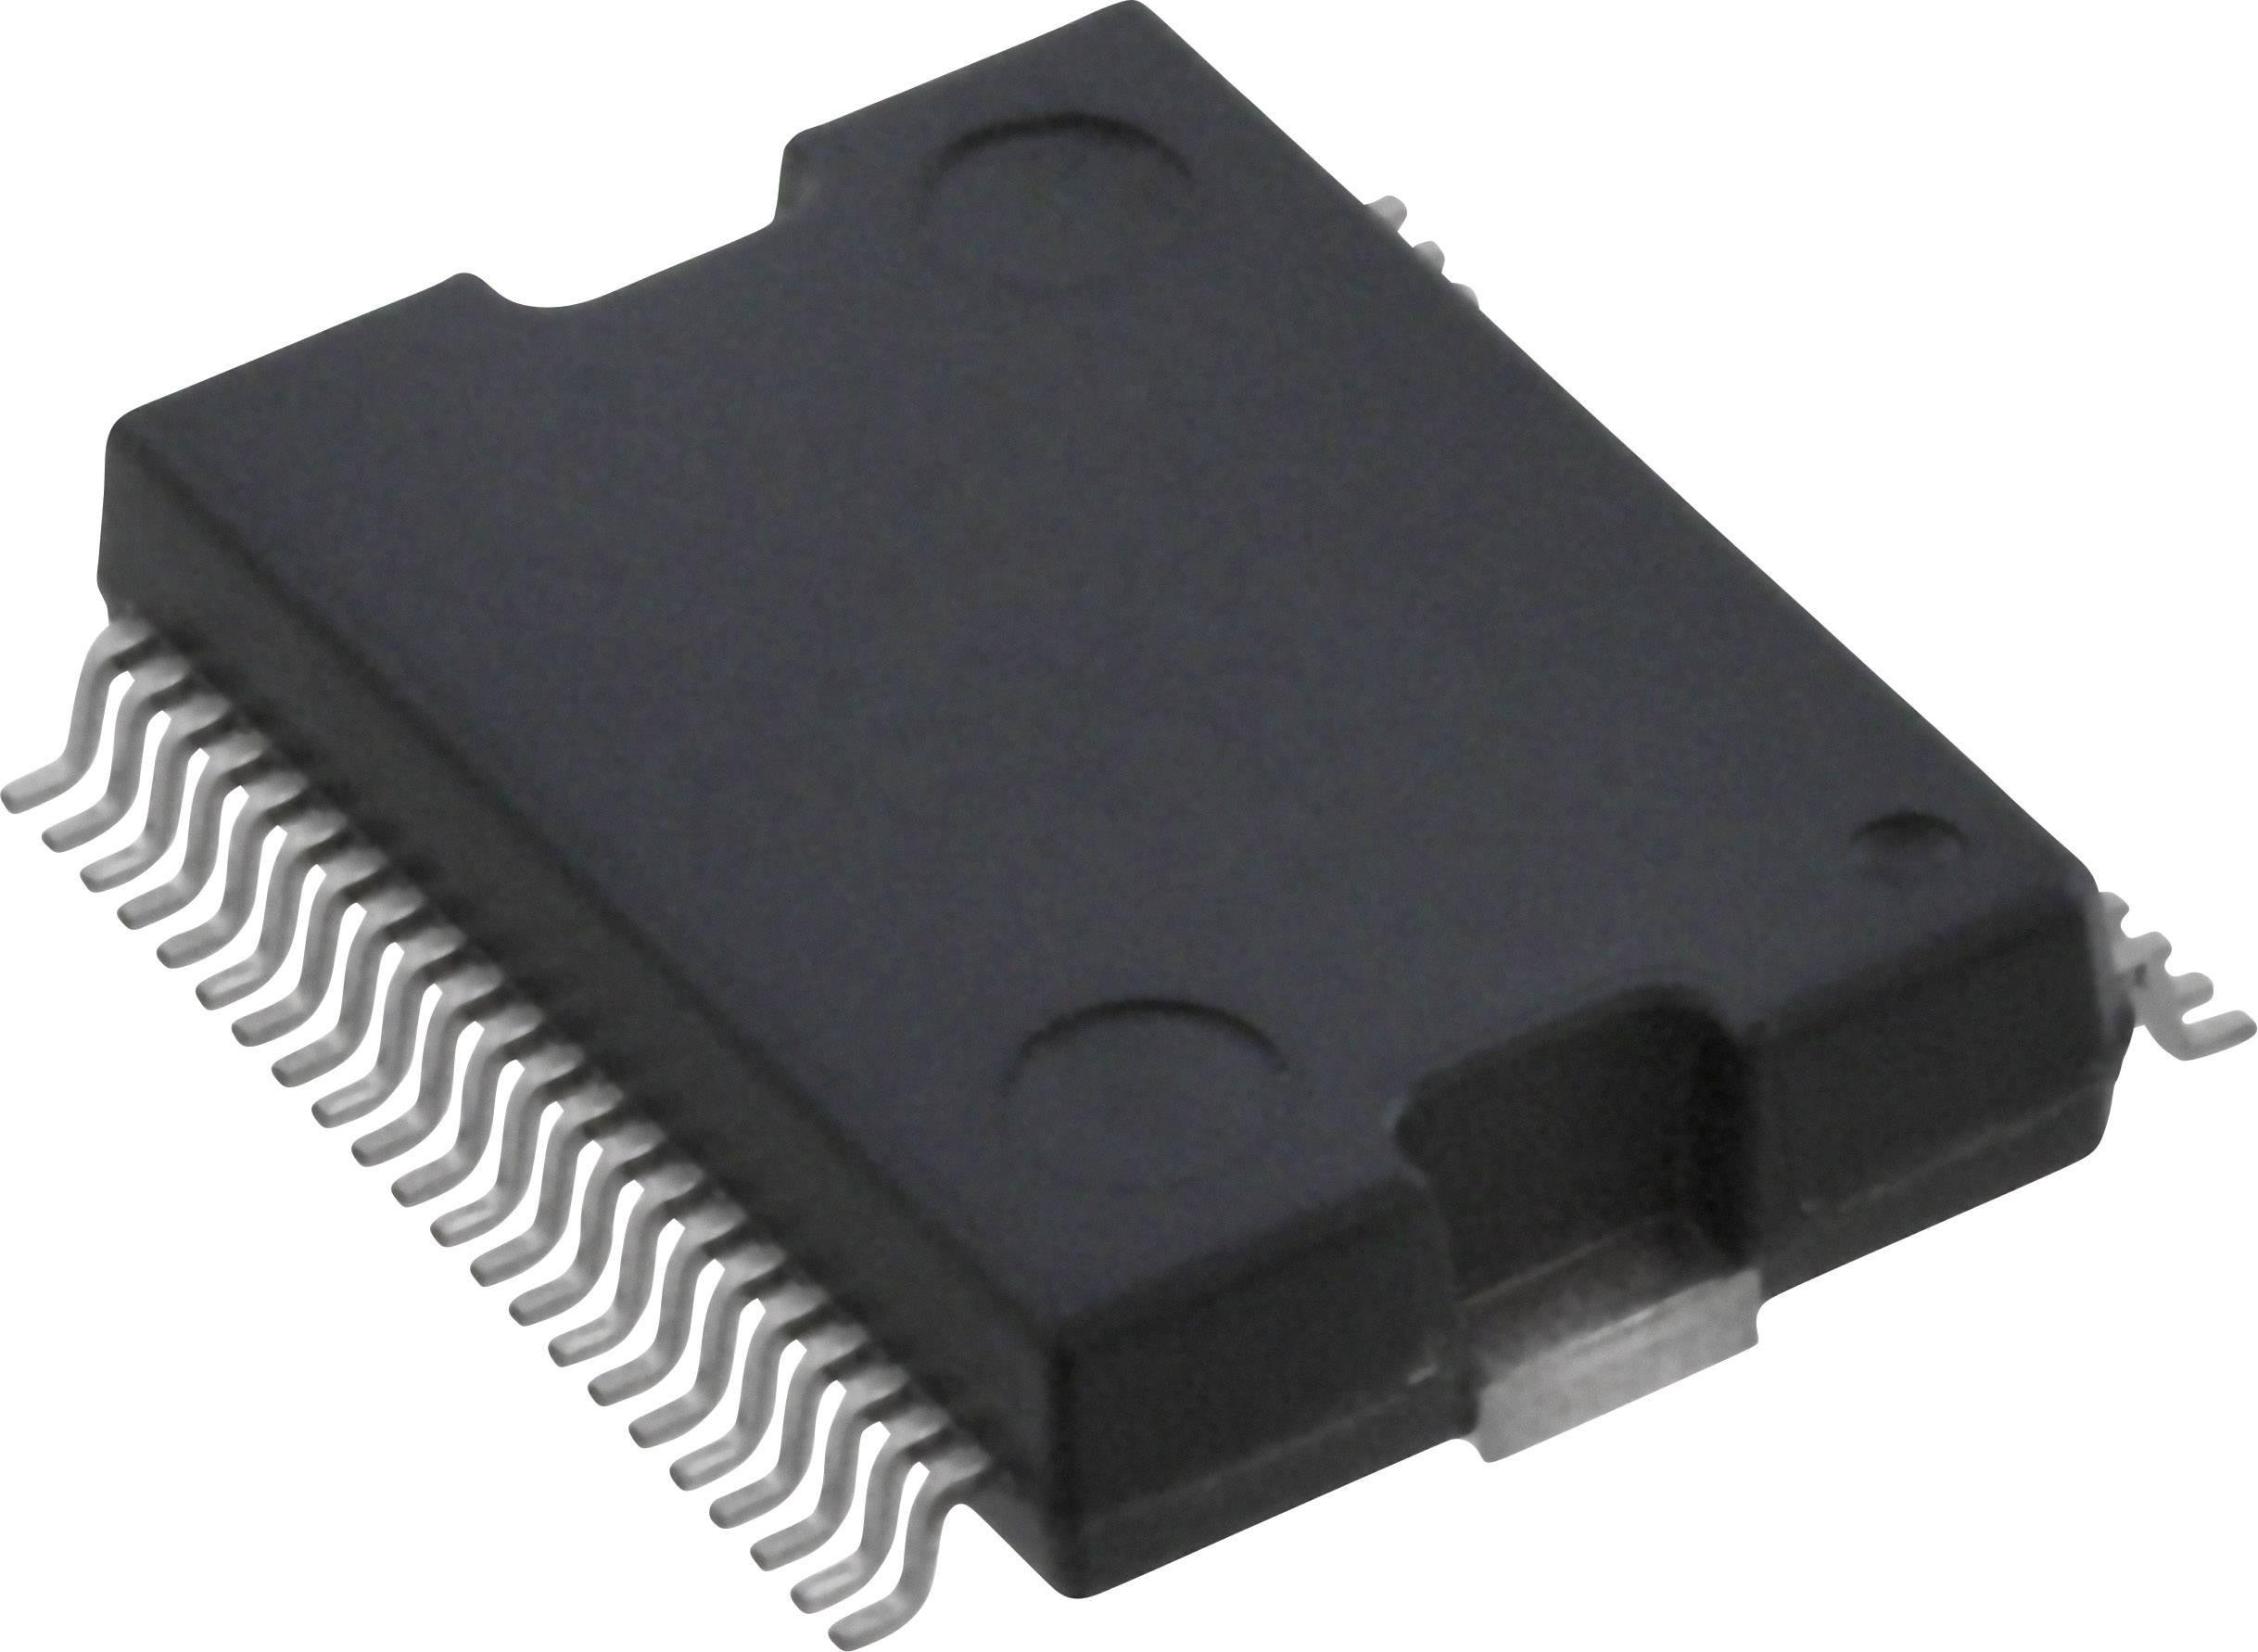 PMIC řízení motoru, regulátory NXP Semiconductors MC33932VW, poloviční můstek, Parallel, HSOP-44